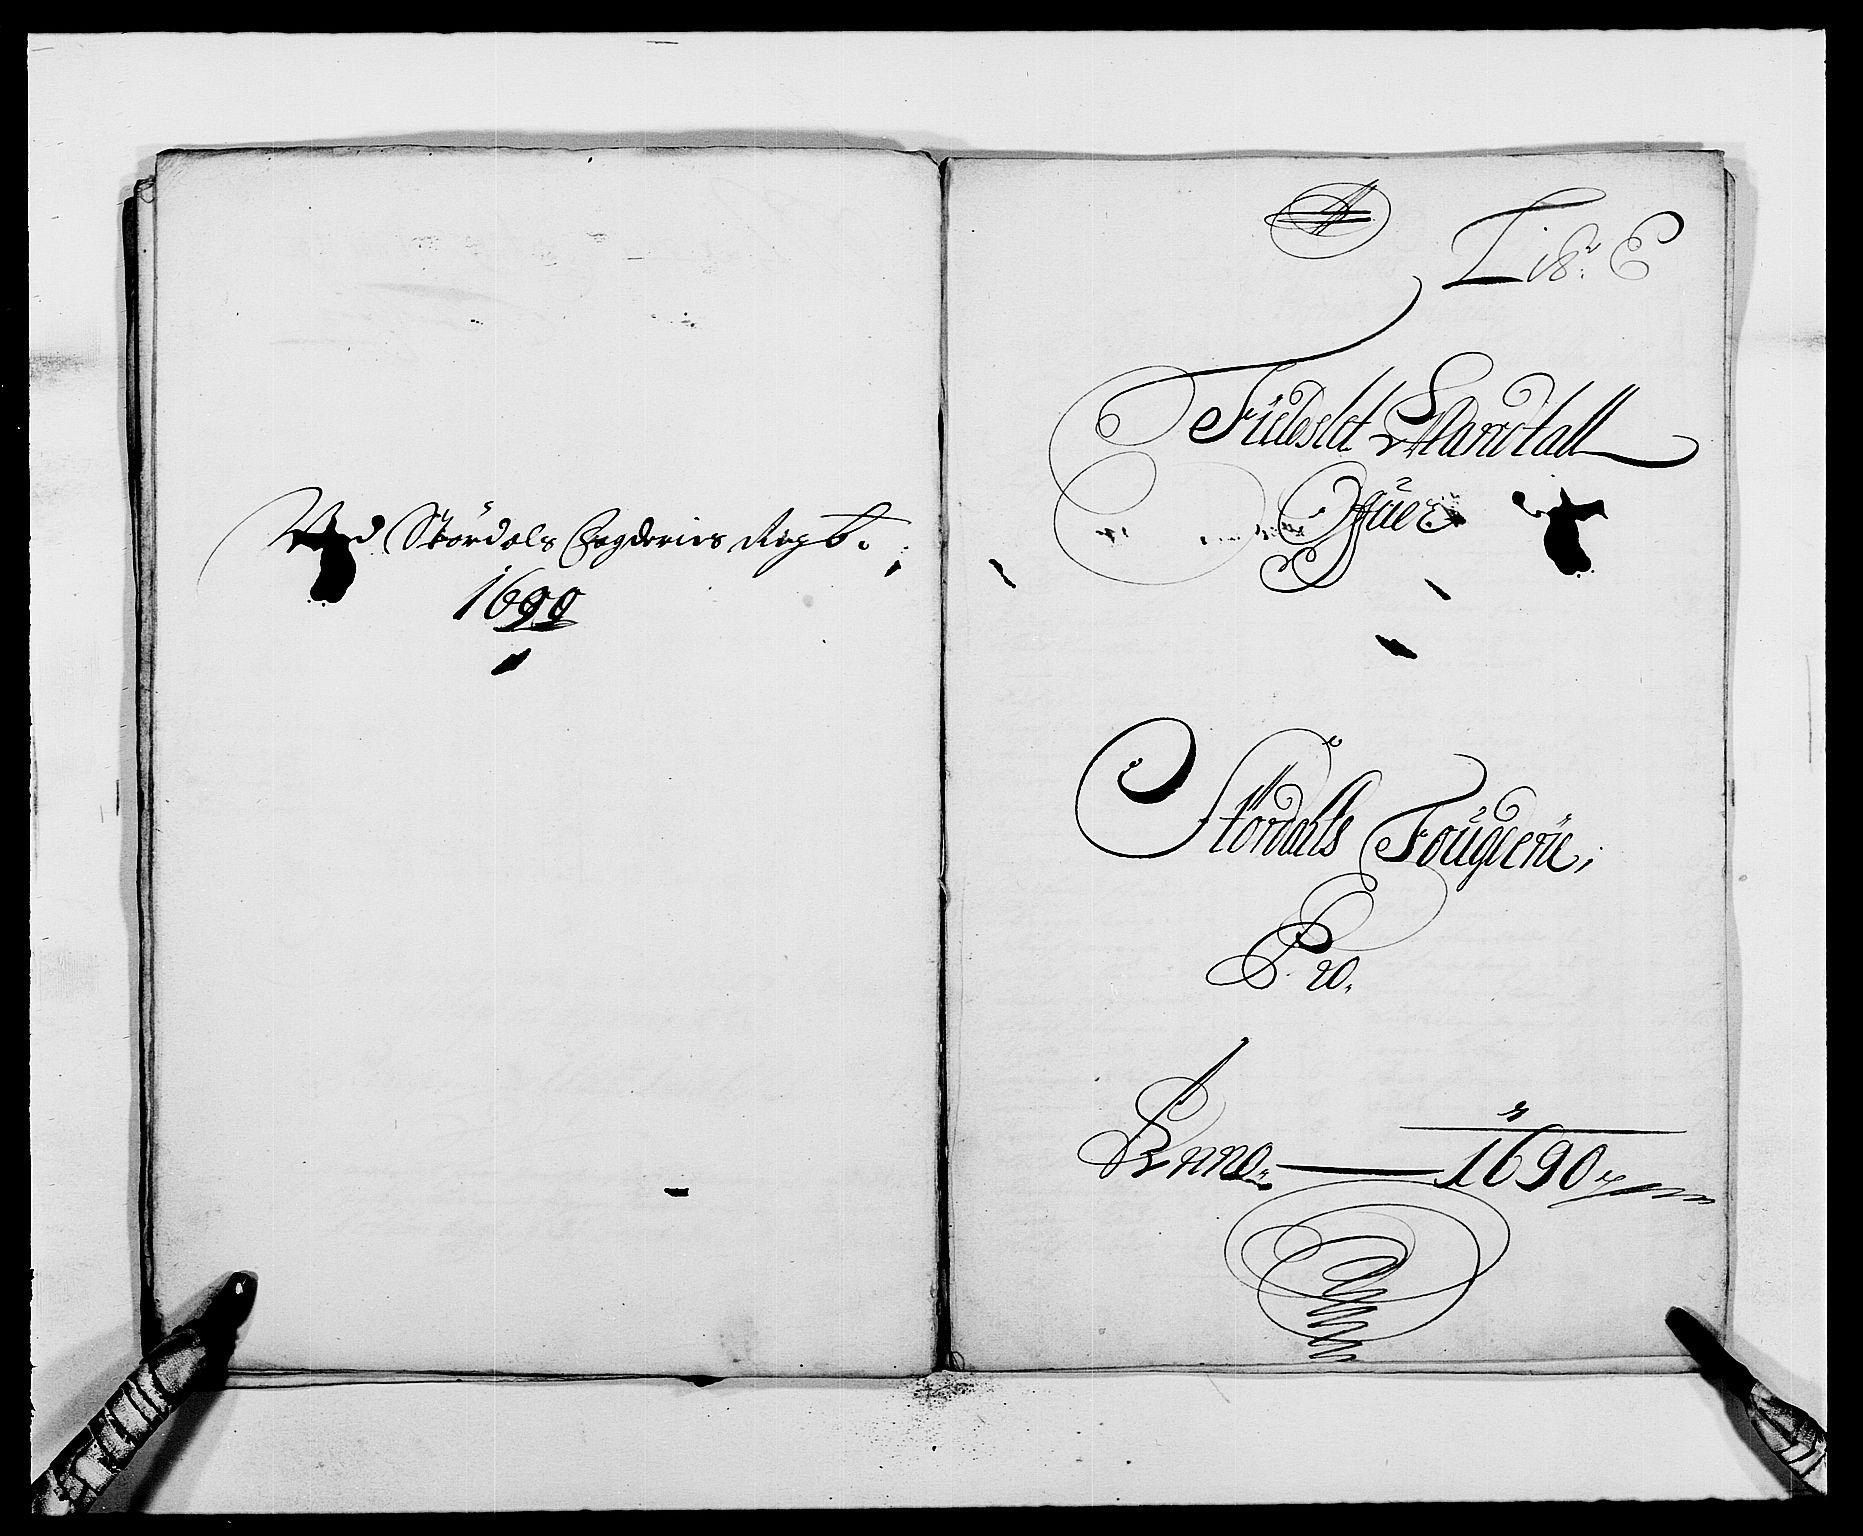 RA, Rentekammeret inntil 1814, Reviderte regnskaper, Fogderegnskap, R62/L4184: Fogderegnskap Stjørdal og Verdal, 1690-1691, s. 89